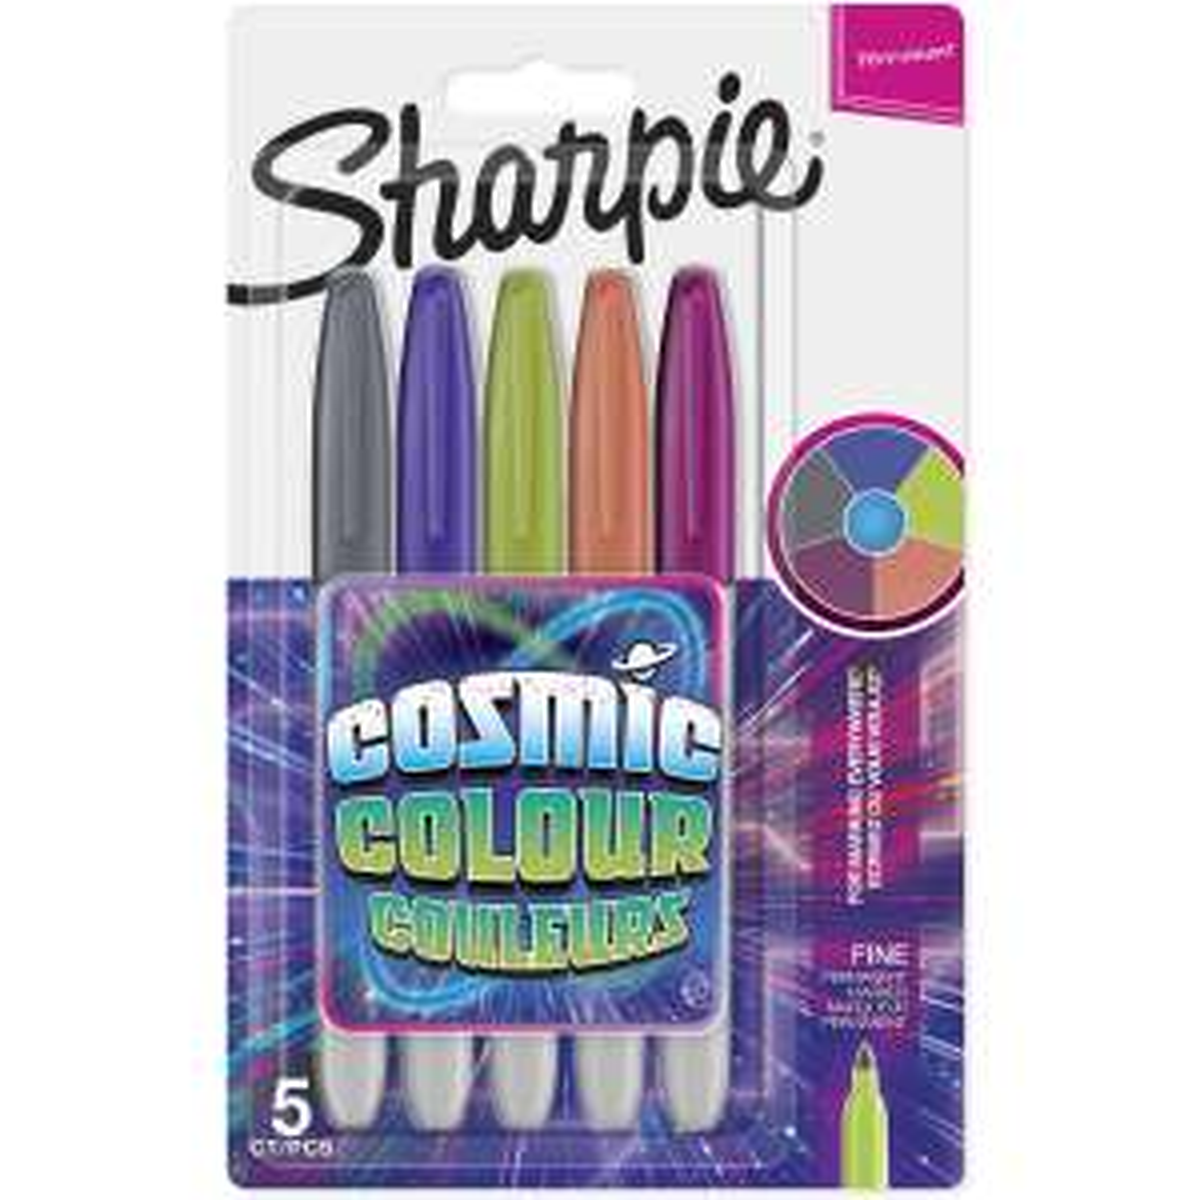 Sharpie cosmic colours 10p in Wilko